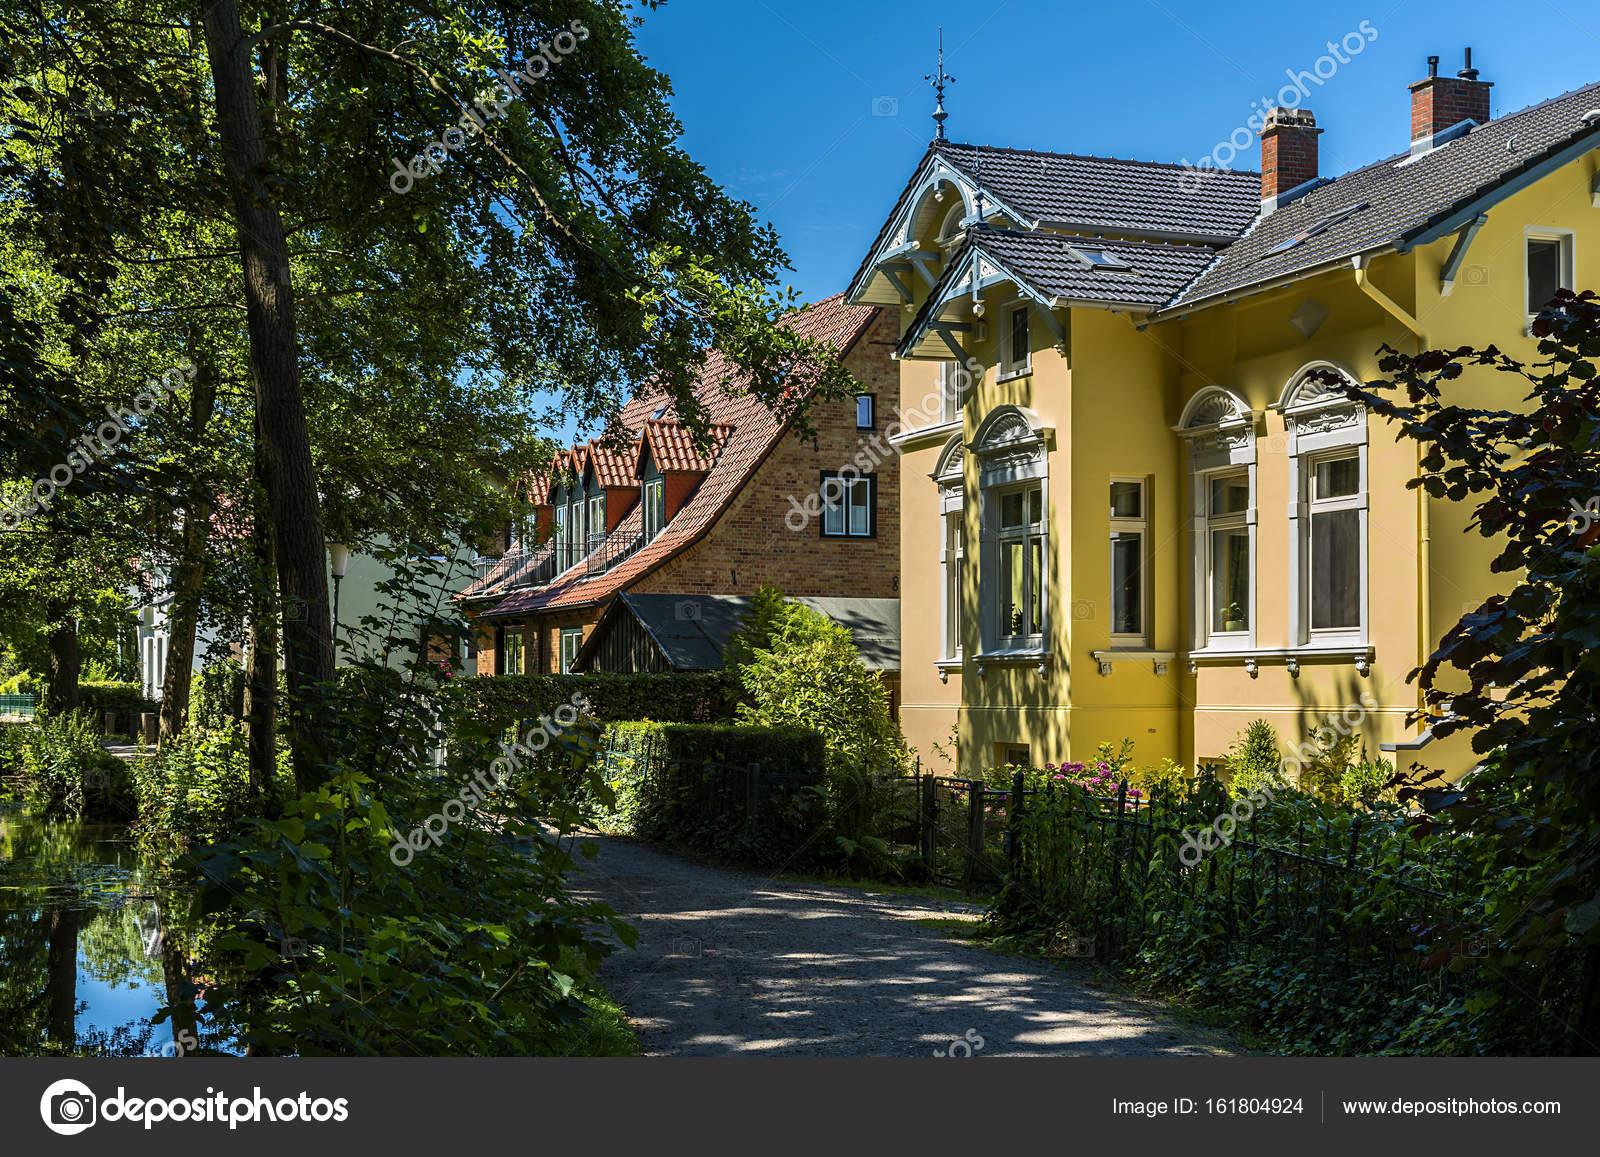 Schöne gelbe Villa in Deutschland — Stockfoto © chrissi #161804924